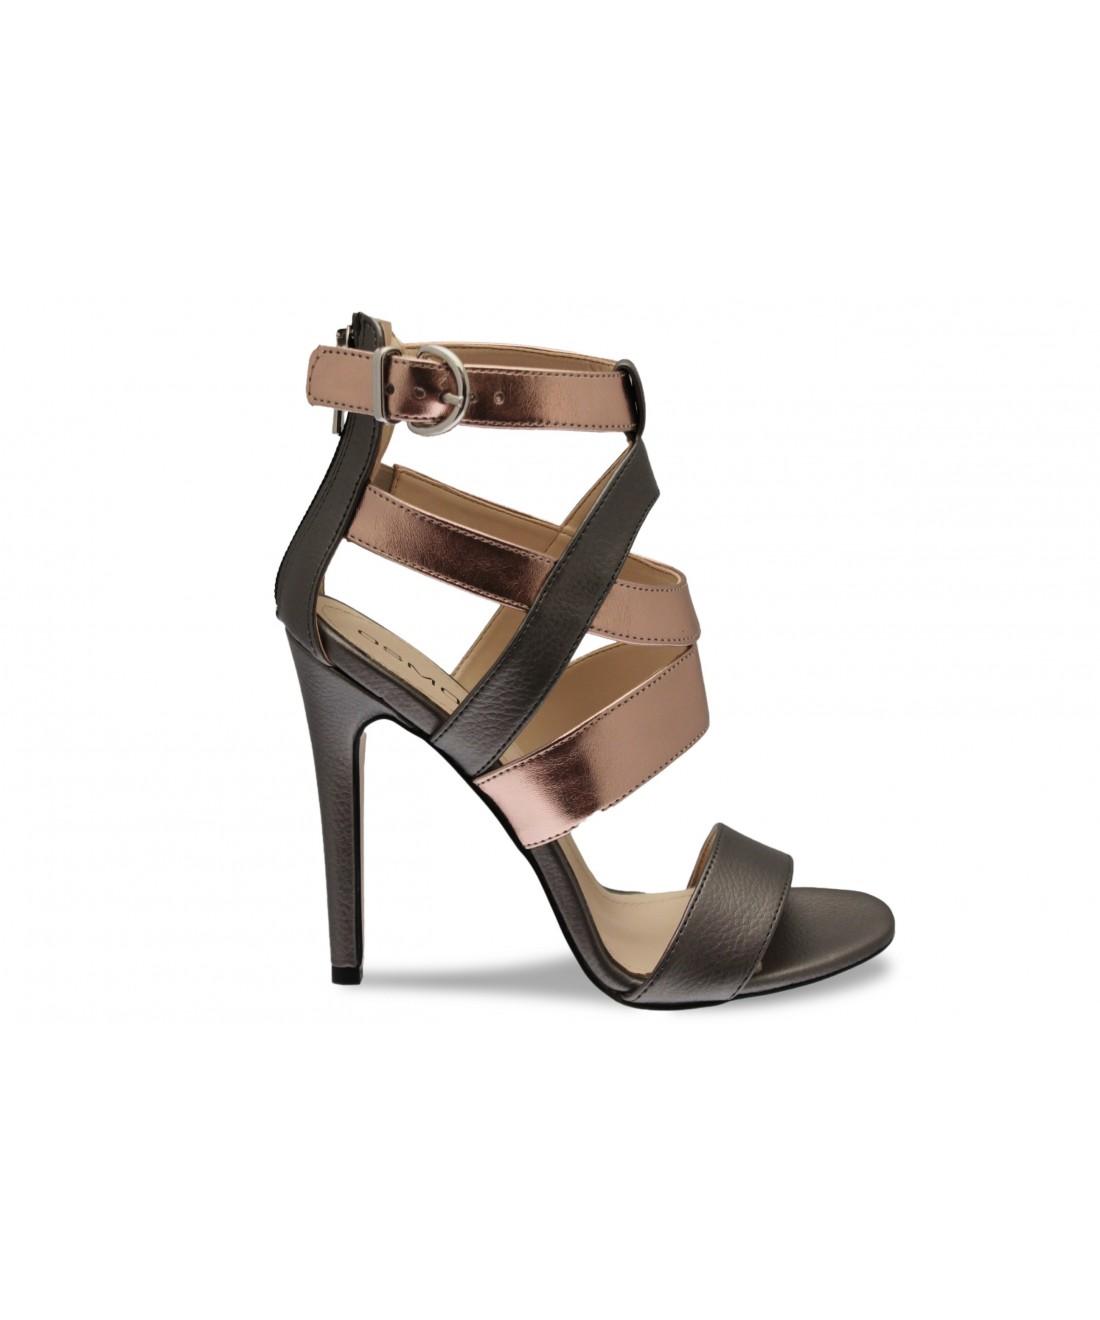 combin chic glamour en sandale bride argent platine ros osmose. Black Bedroom Furniture Sets. Home Design Ideas